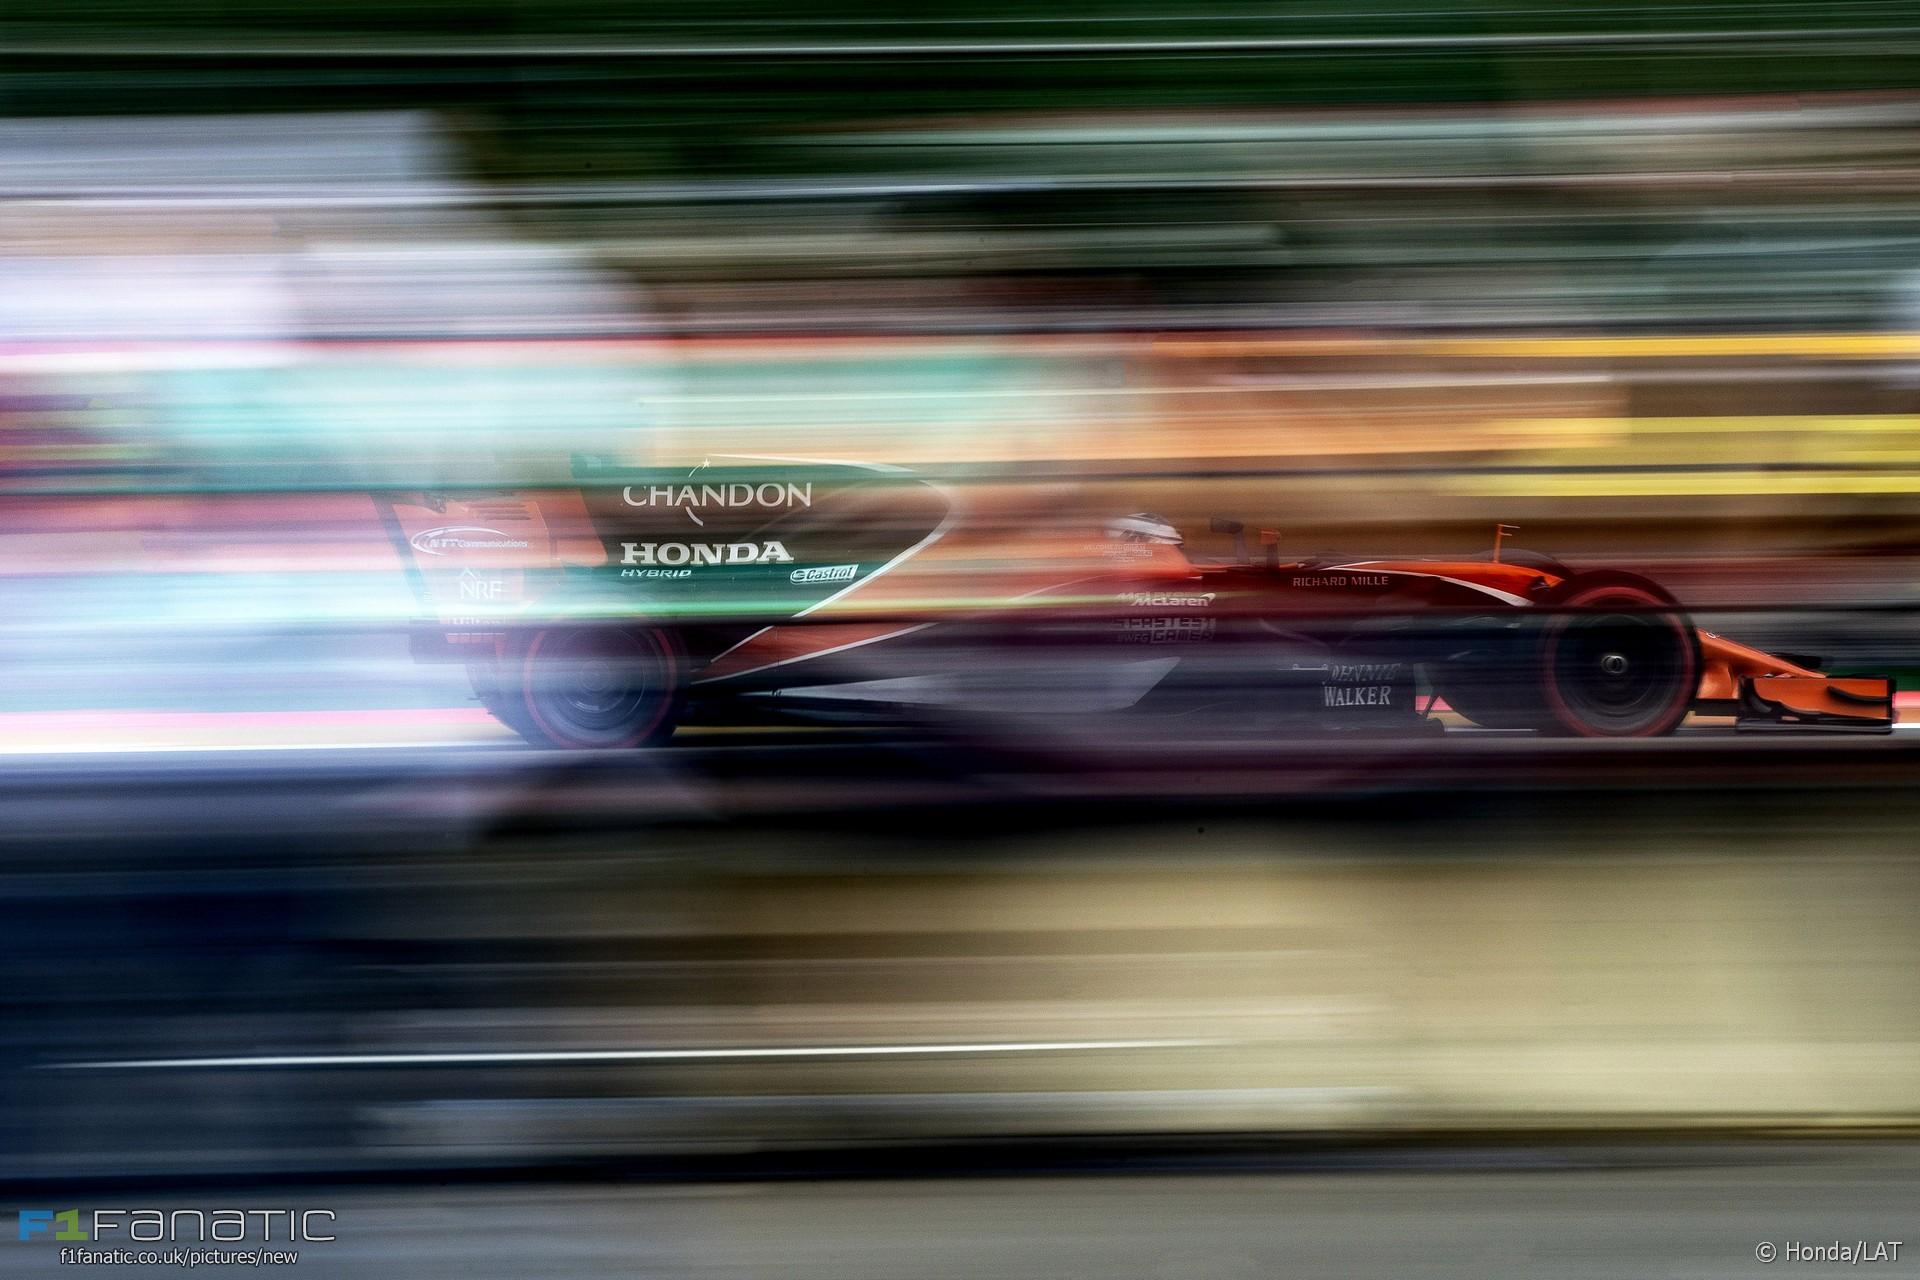 Stoffel Vandoorne, McLaren, Spa-Francorchamps, 2017